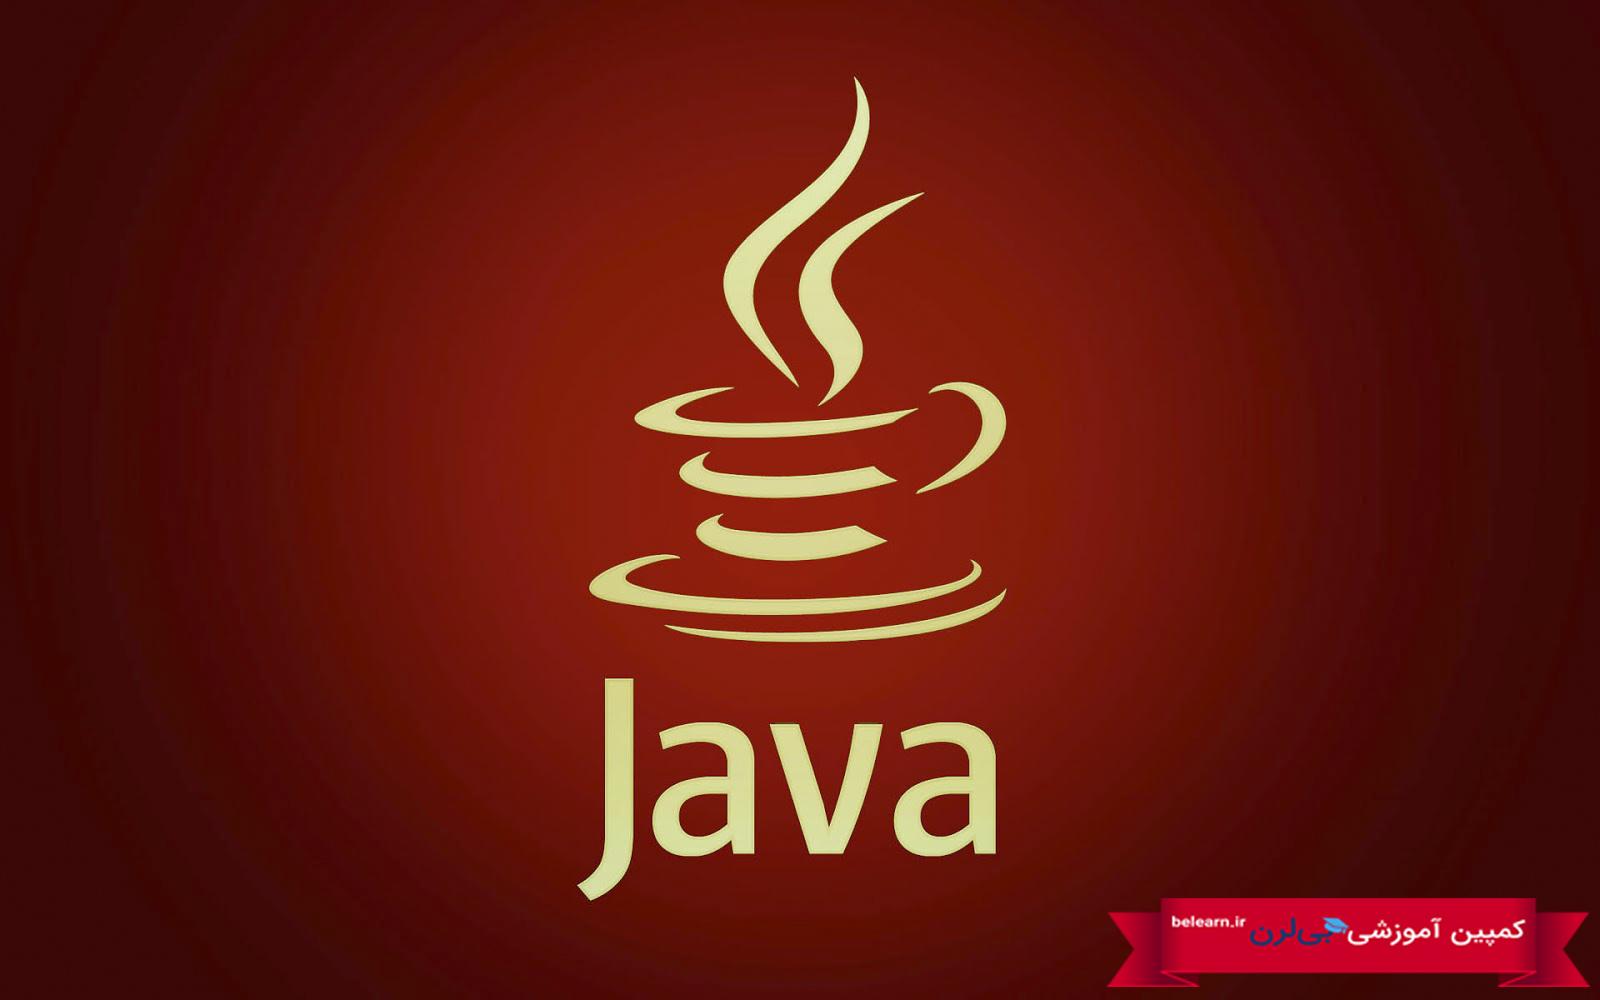 زبان java - زبان برنامه نویسی برای هکر شدن - کمپین آموزشی بی لرن